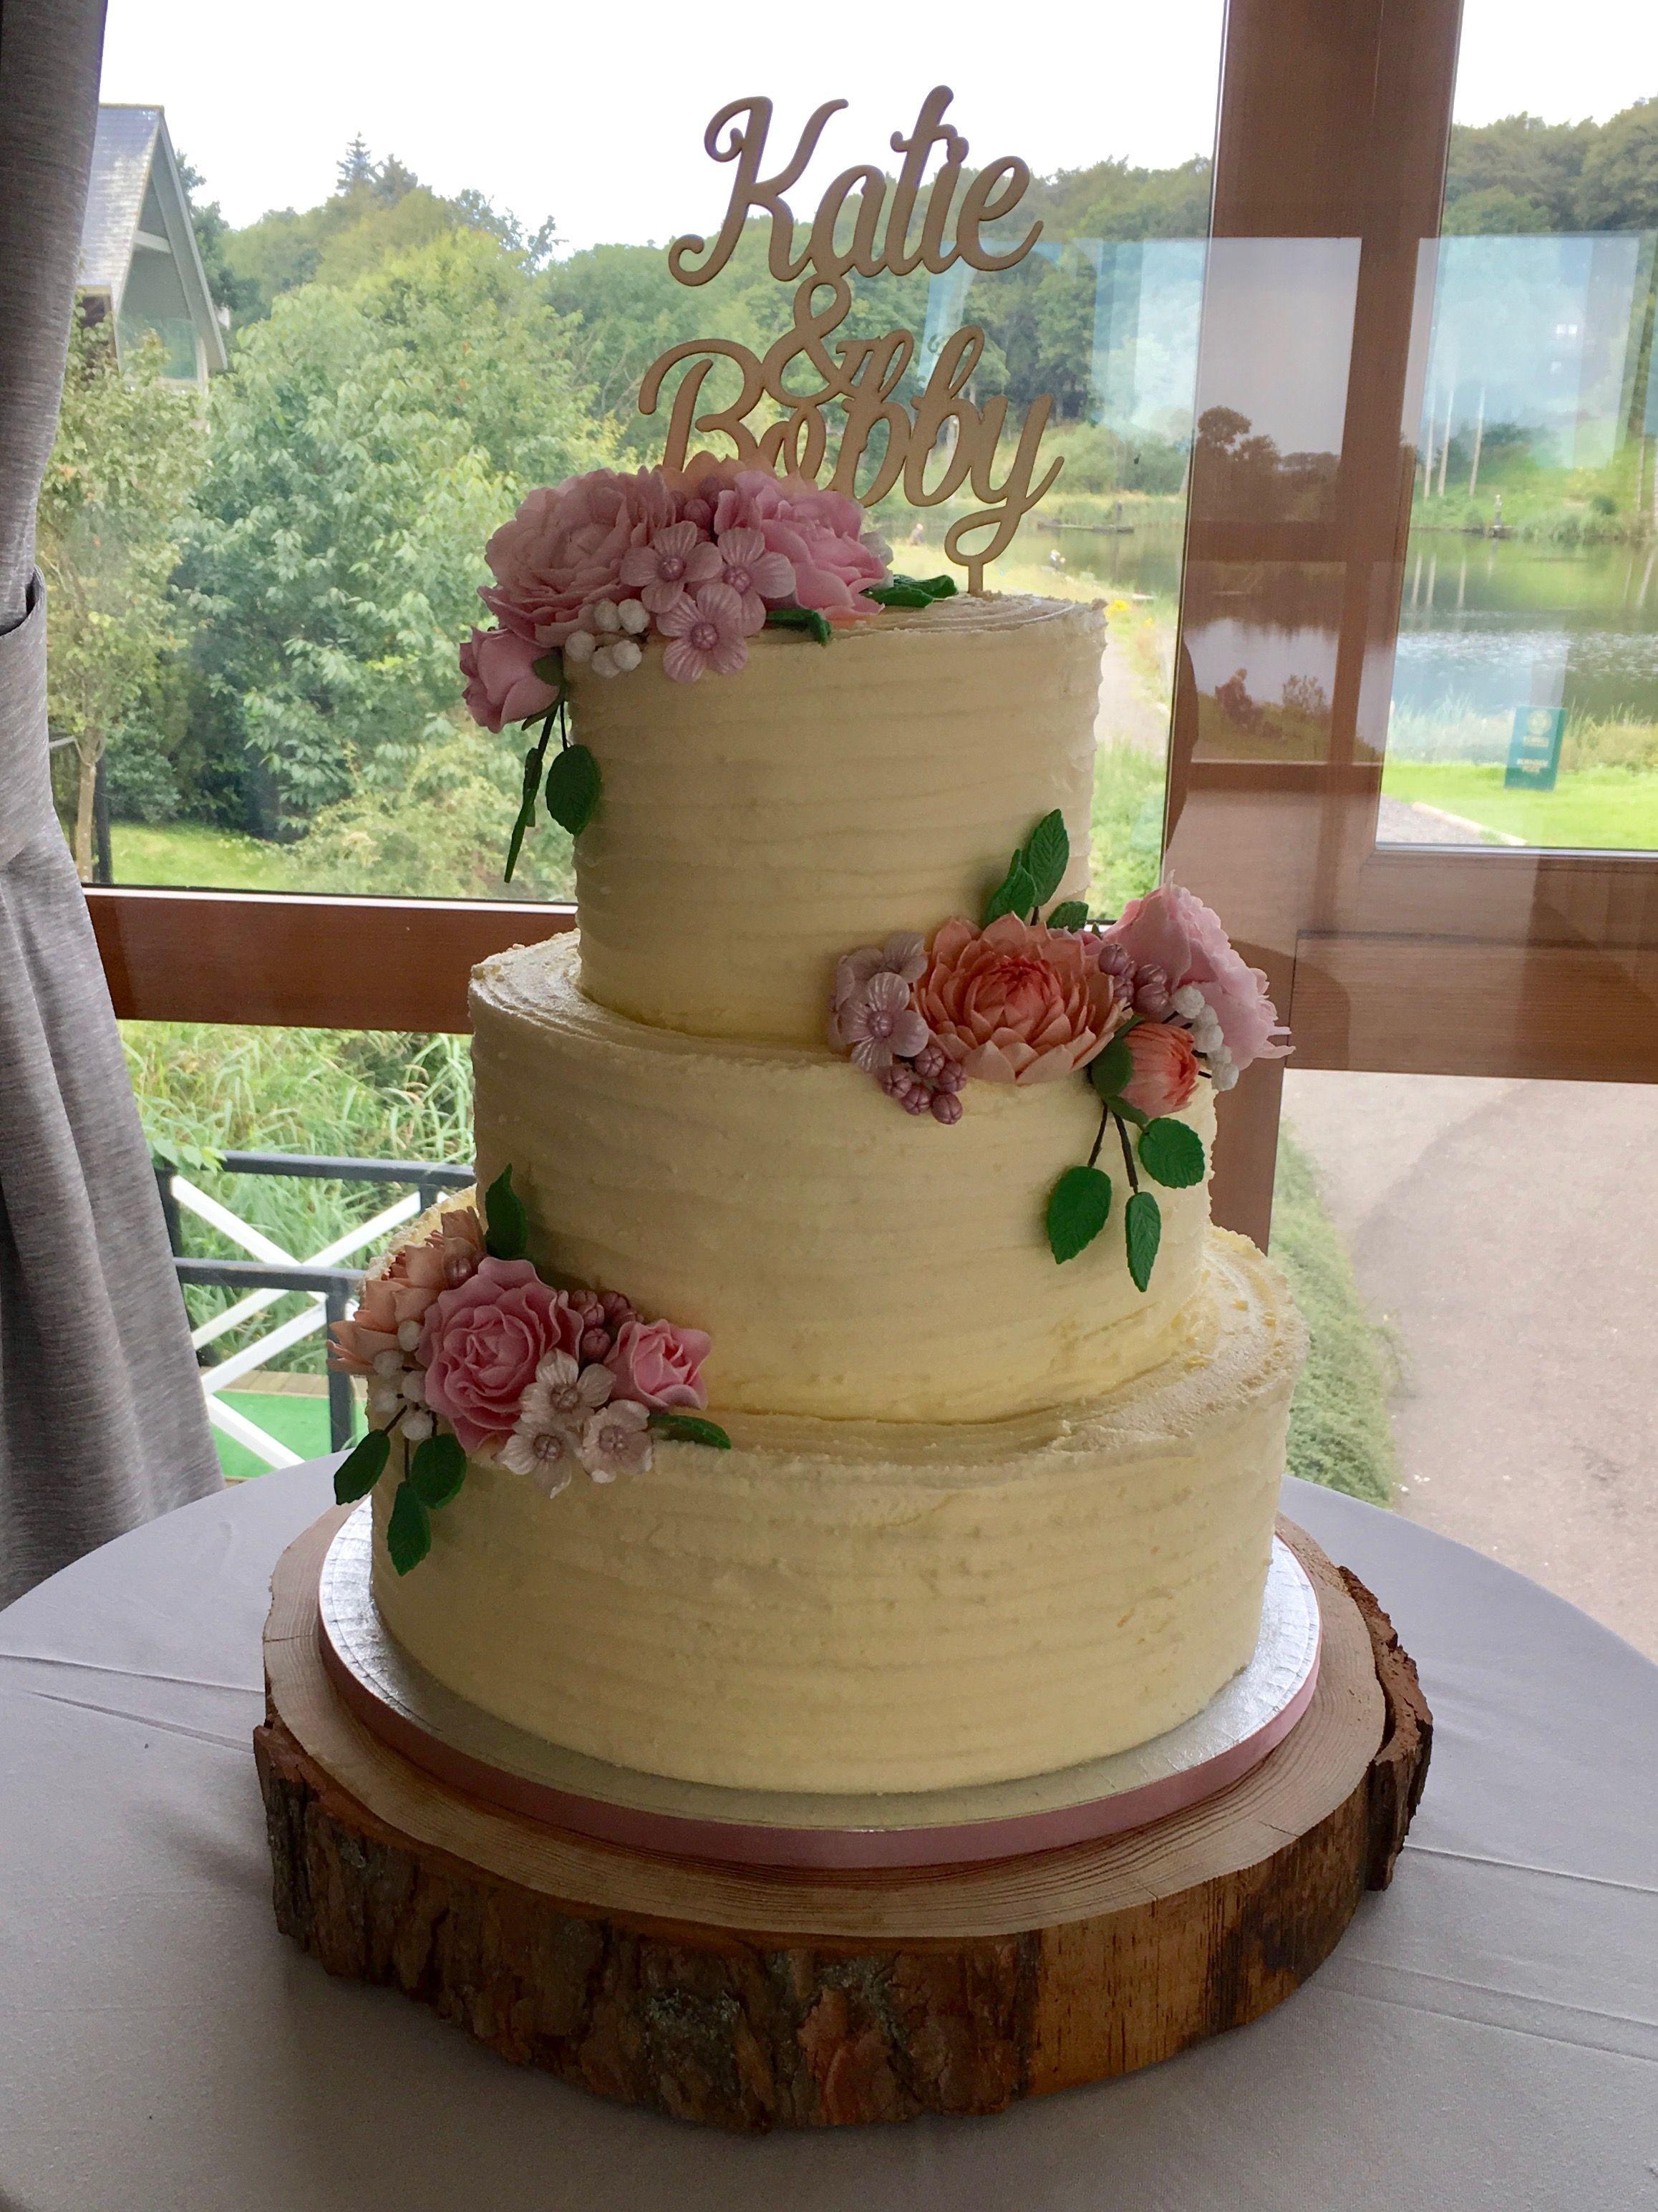 Pin by Gemma Farley on Wedding | Buttercream wedding cake